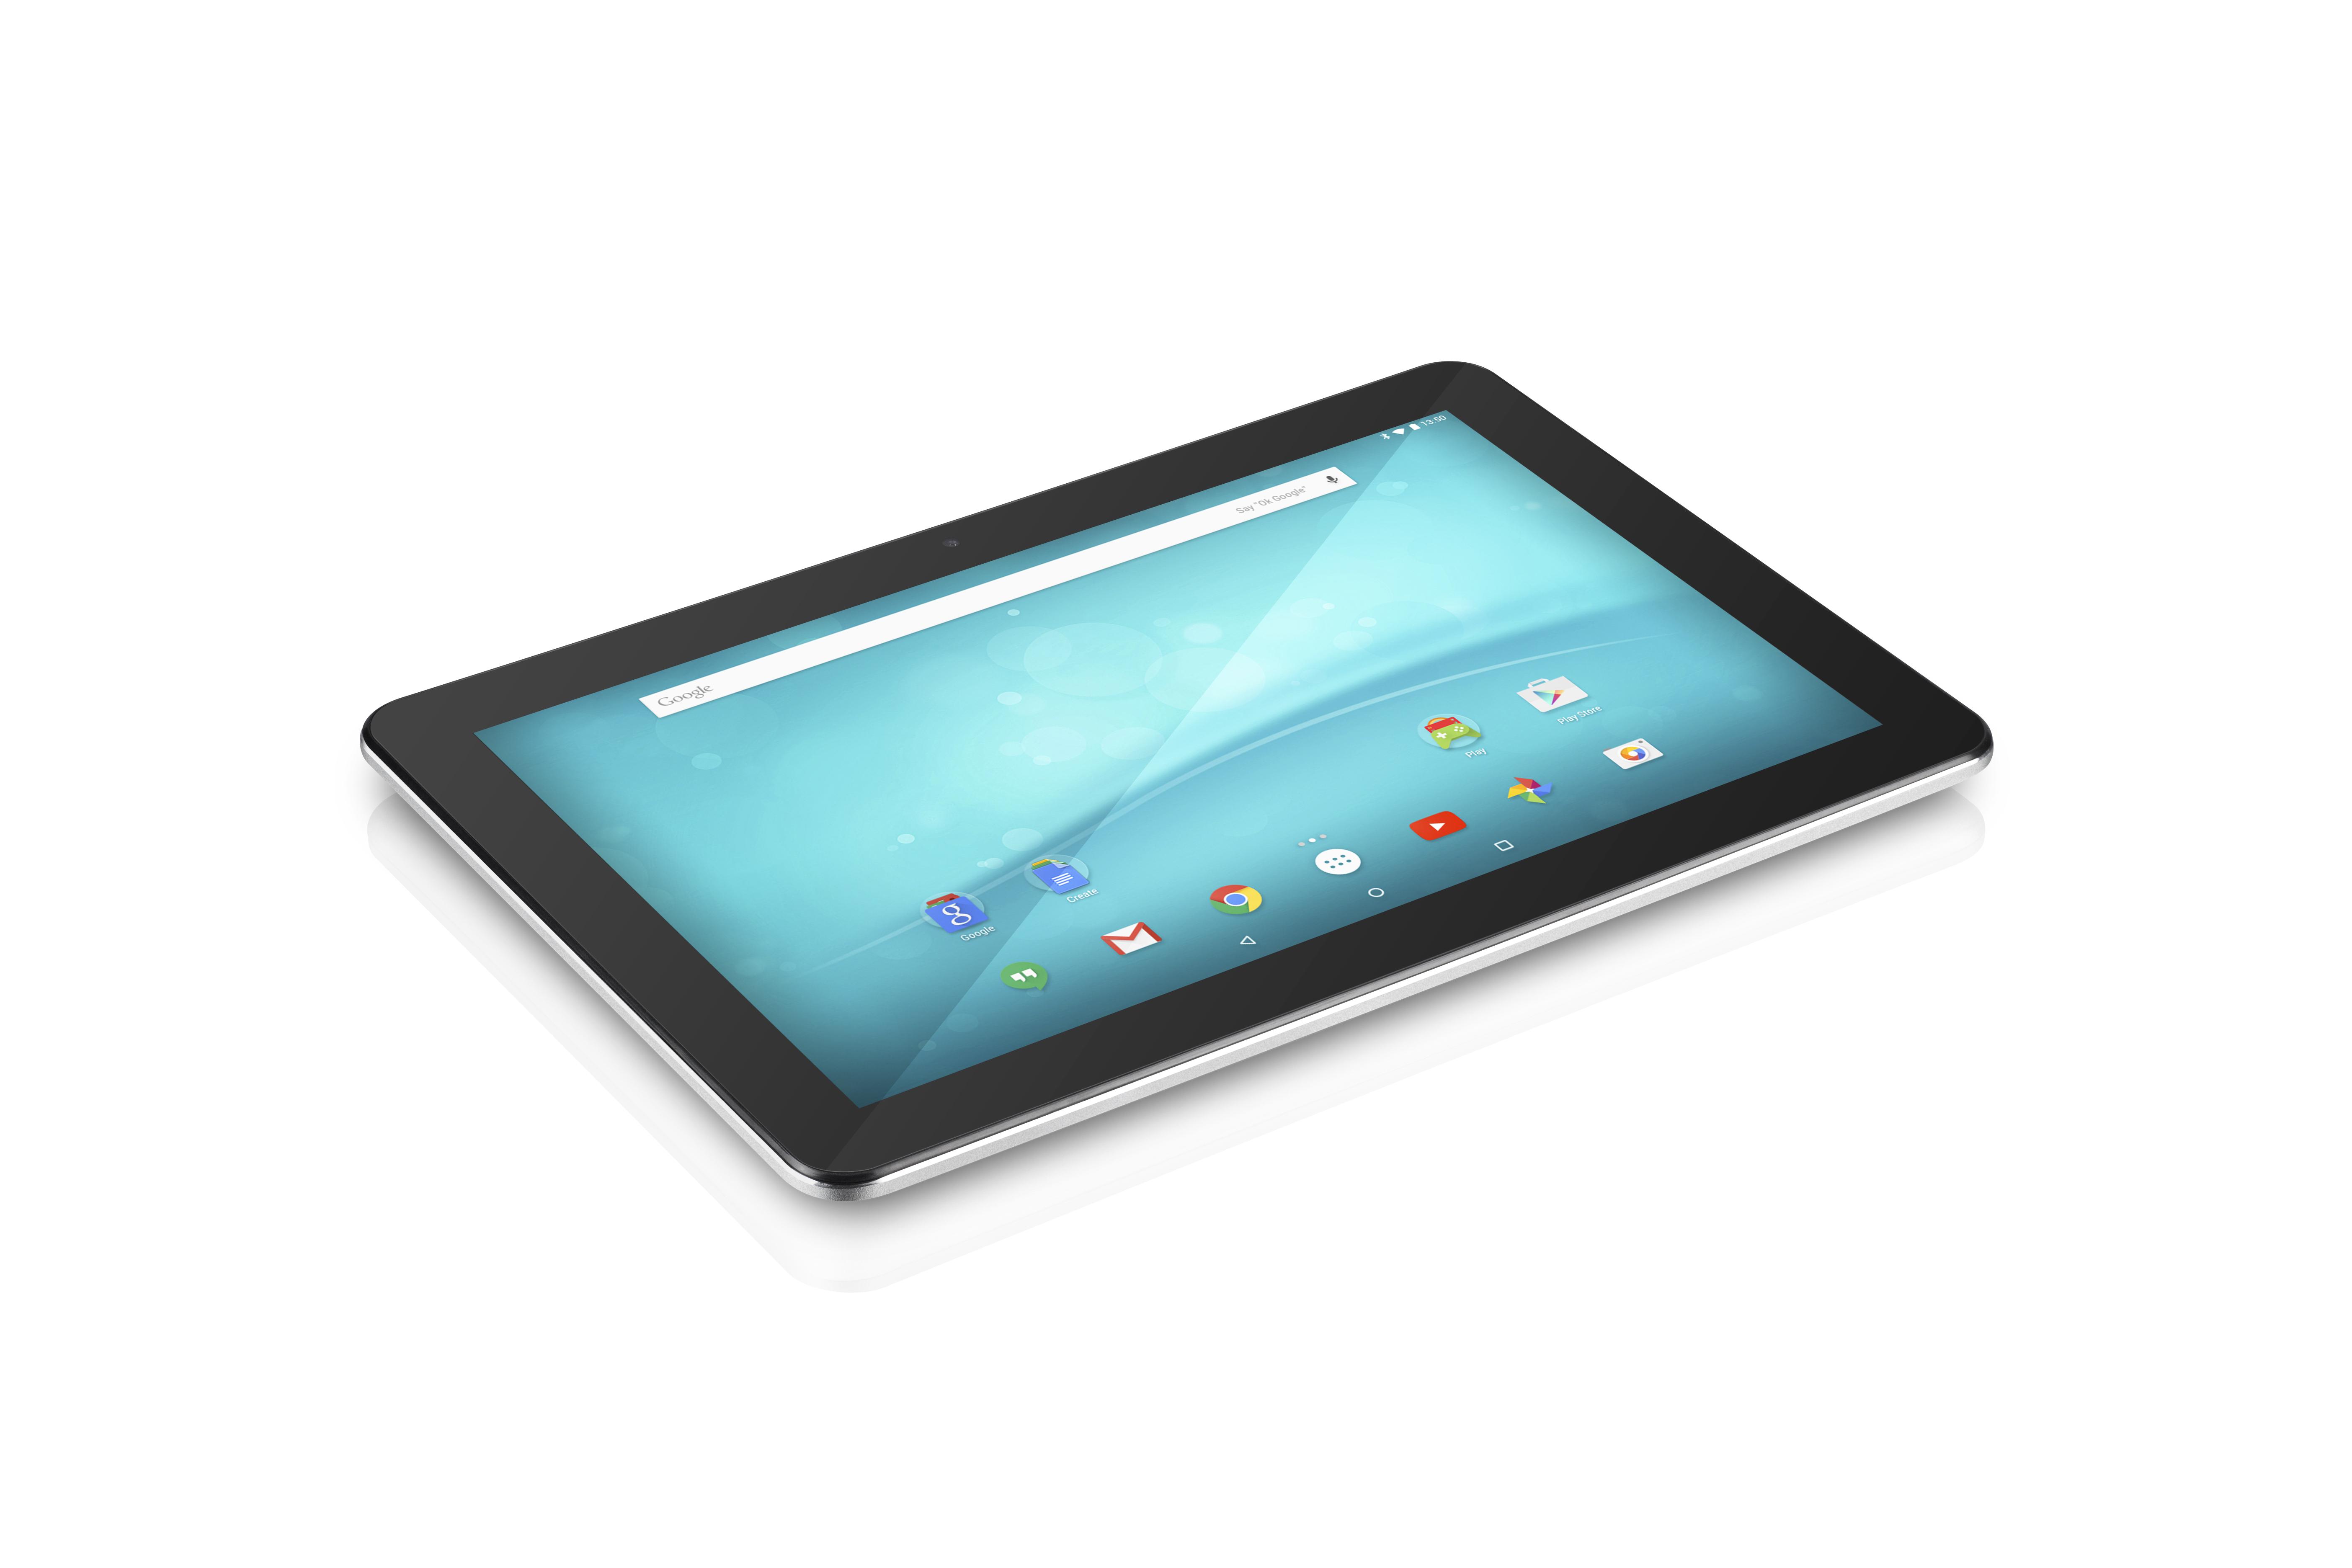 Tablet Mit Sim Karte.Trekstor Präsentiert Neue Range An Android Tablets Günstig Schick